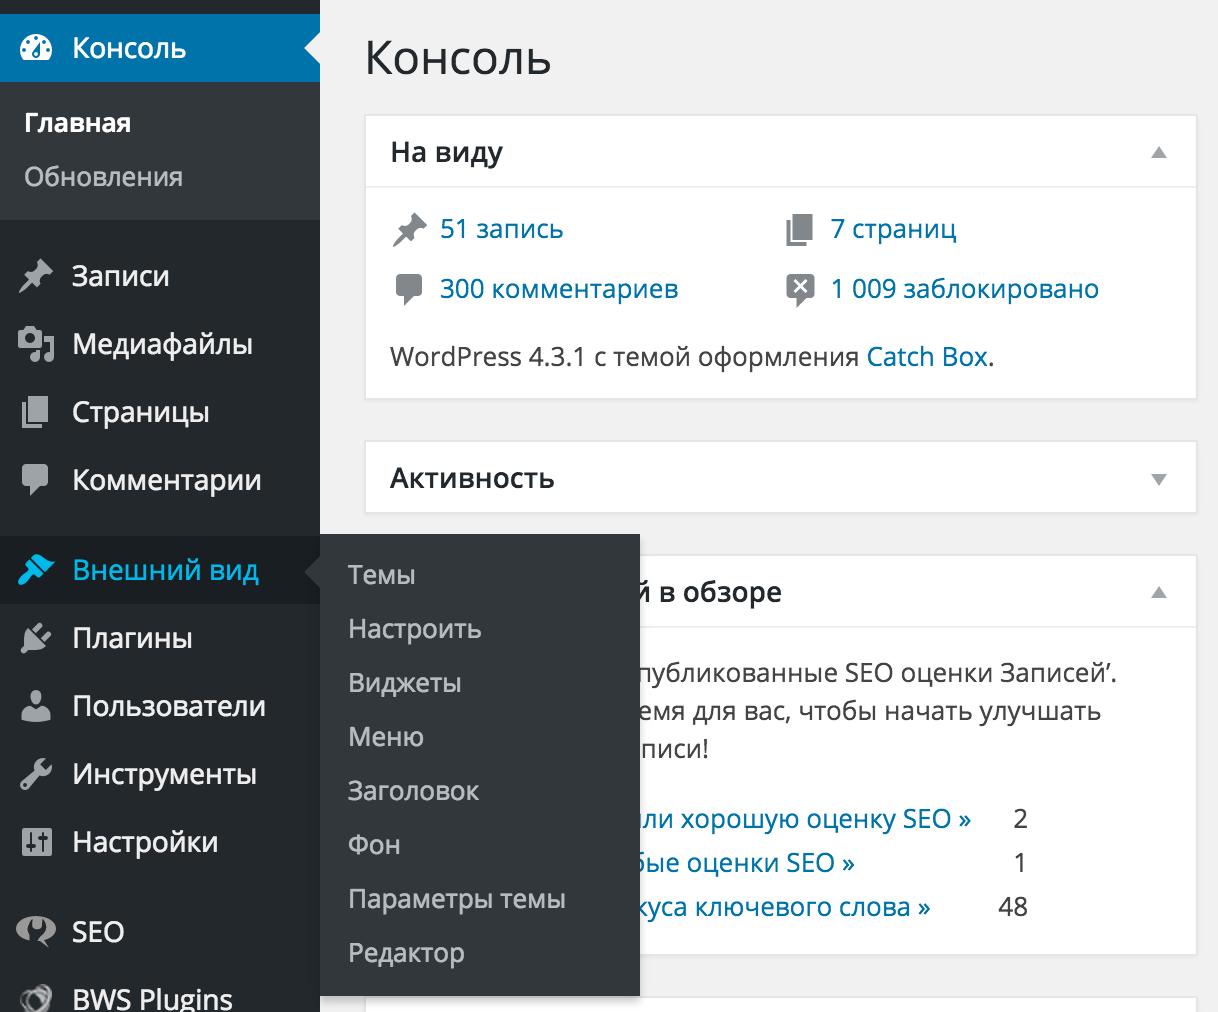 Пример распахнутого меню с подменю WordPress